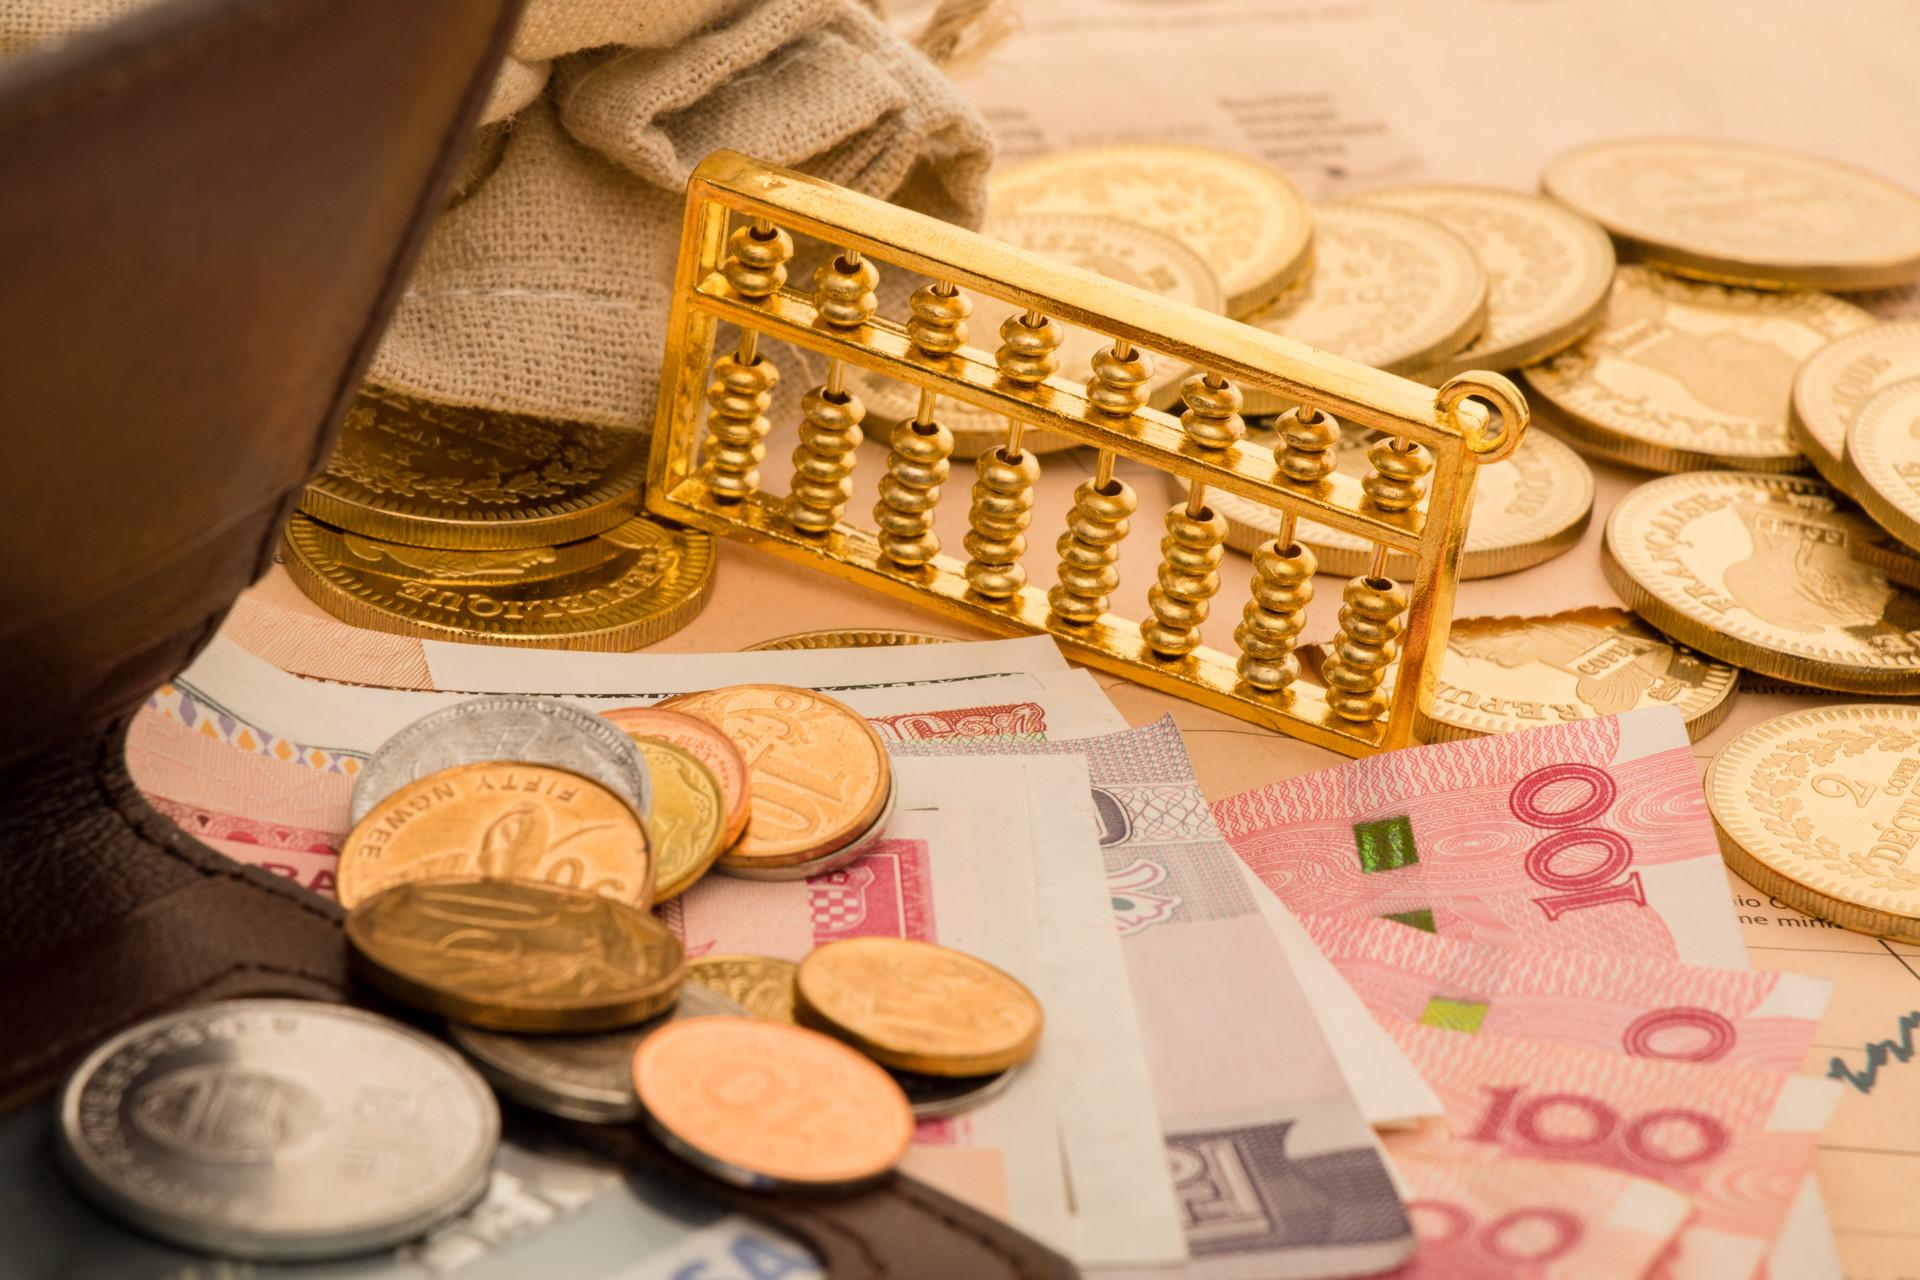 微信工资条和纸质工资条,哪种工资条更容易被员工接受?